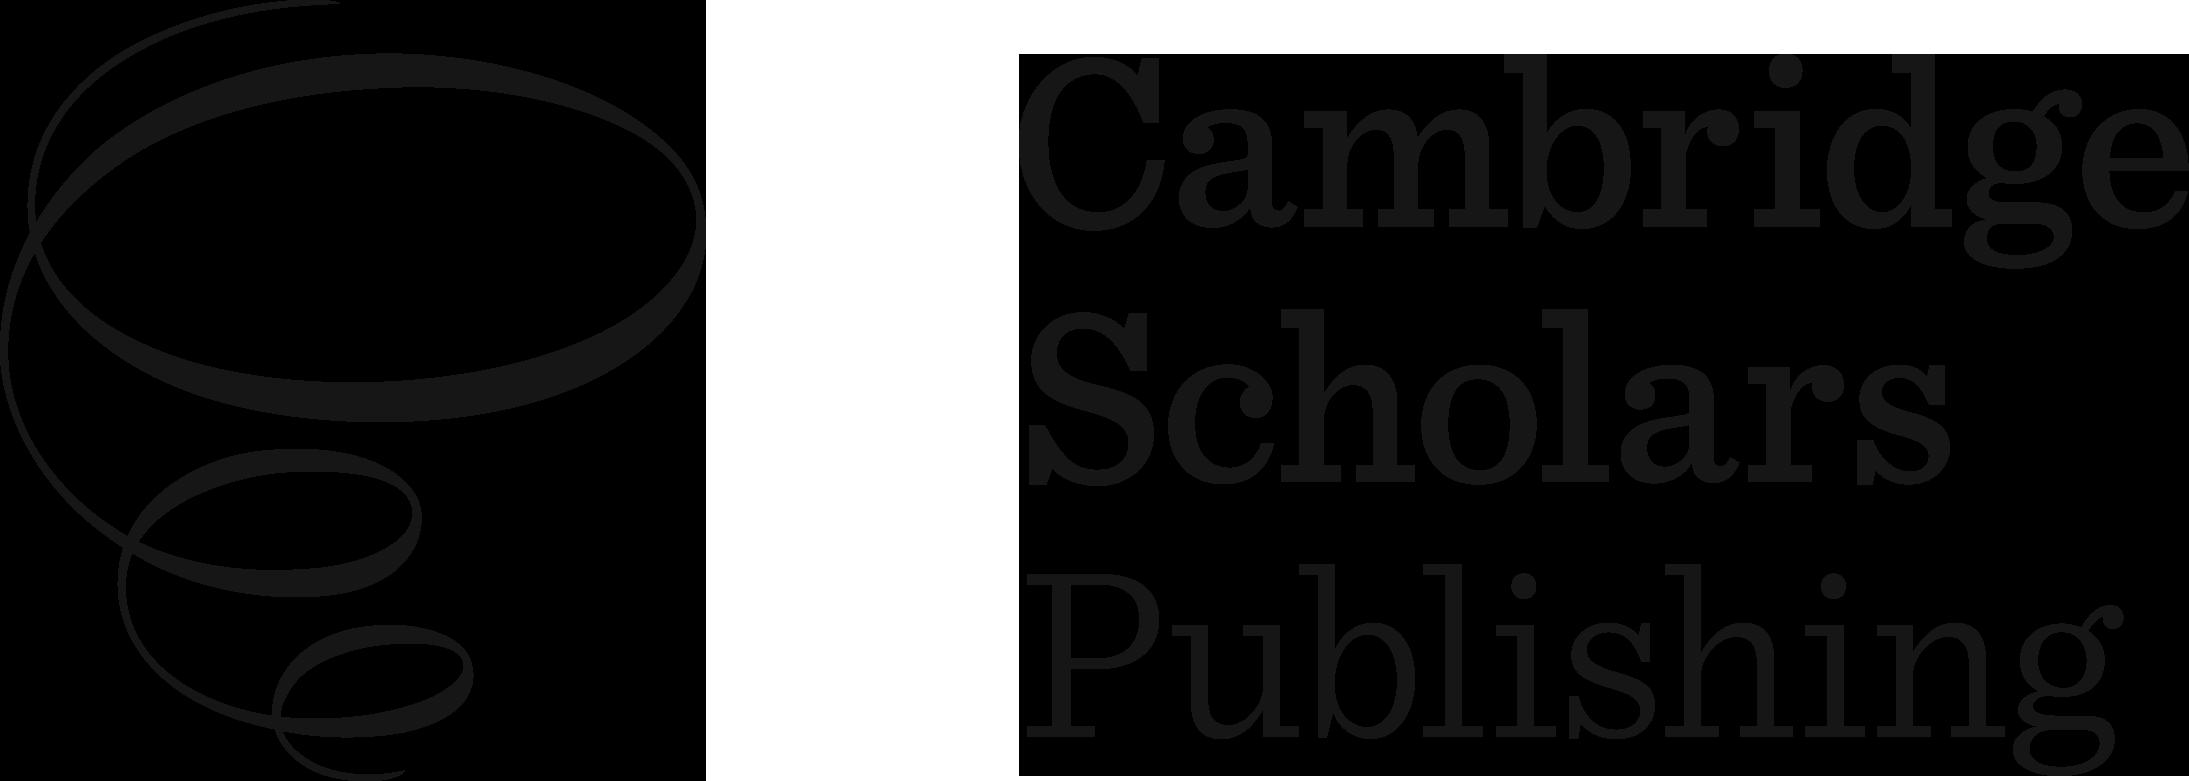 Logo for Cambridge